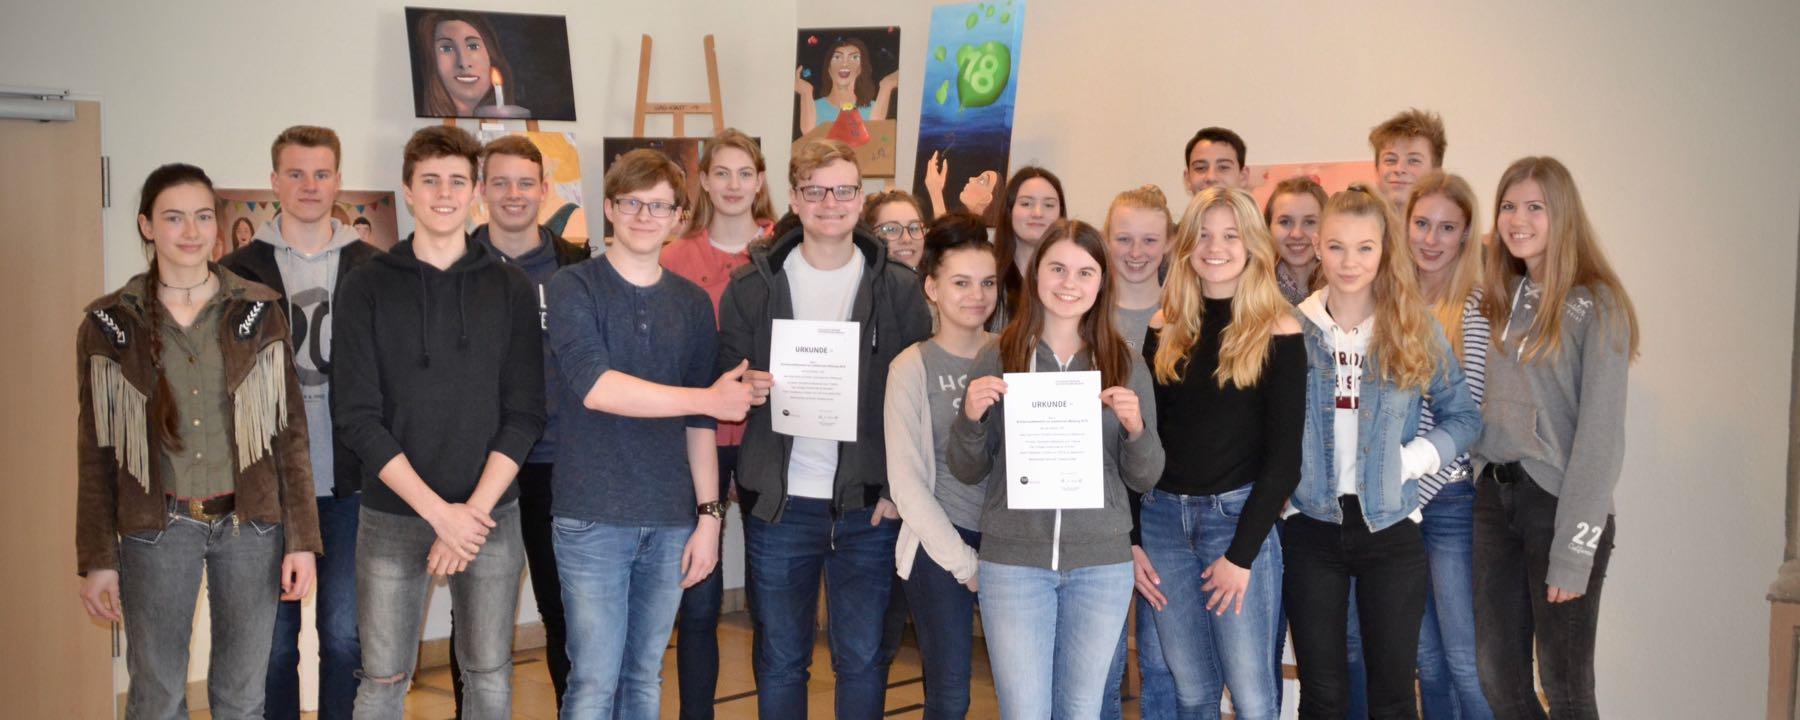 """""""Kleidervorschriften An Der Graf Anton Günther-Schule?""""– 10D Gewinnt Schülerwettbewerb Für Politische Bildung"""